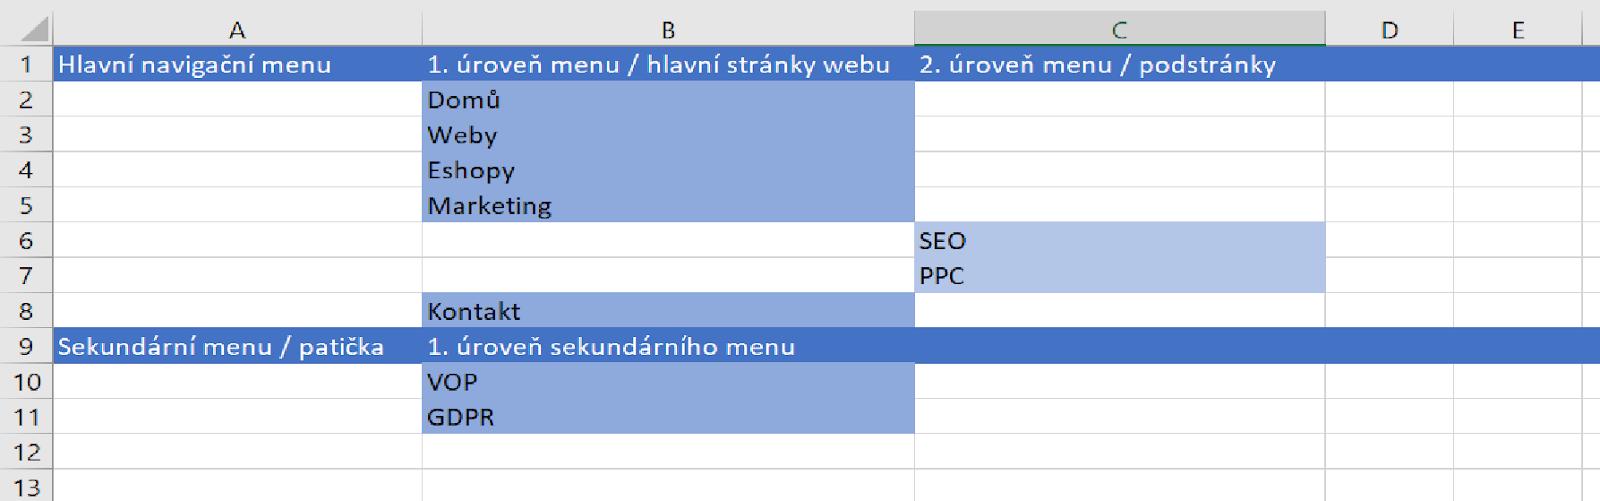 webmium informační architektura nového webu